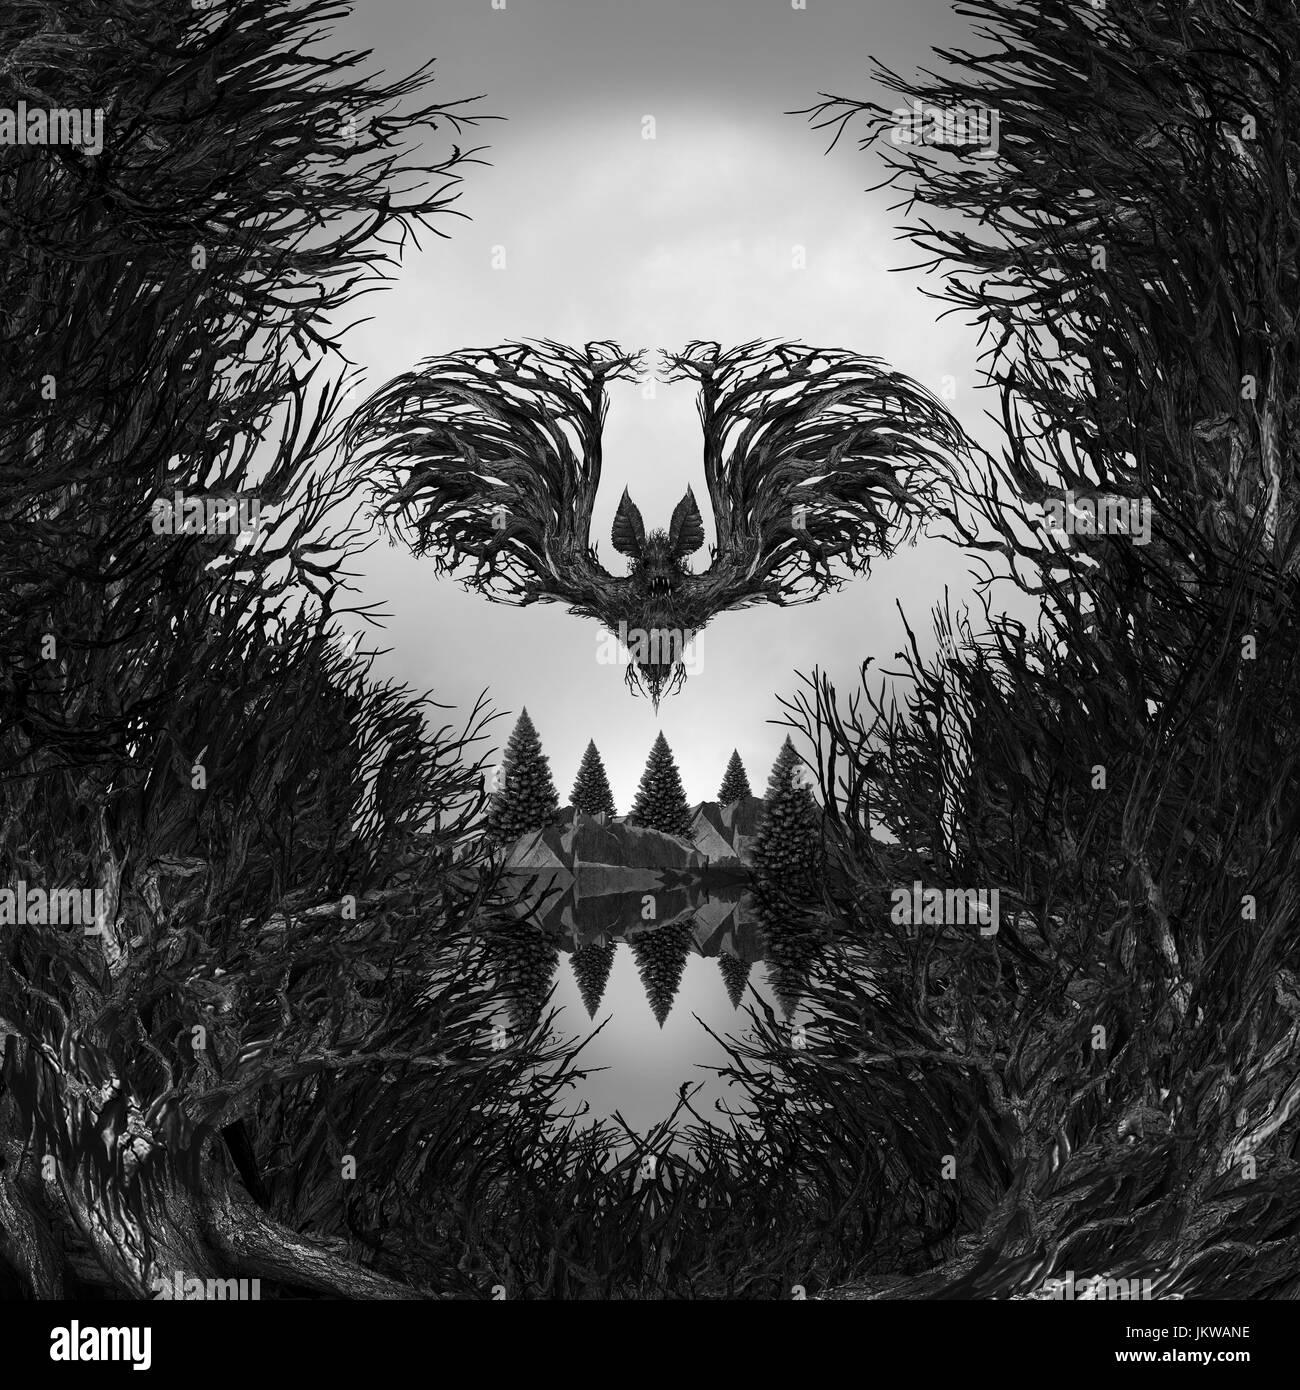 Crâne effrayant contexte comme une forêt hantée surréaliste avec des arbres morts et de montagne Photo Stock